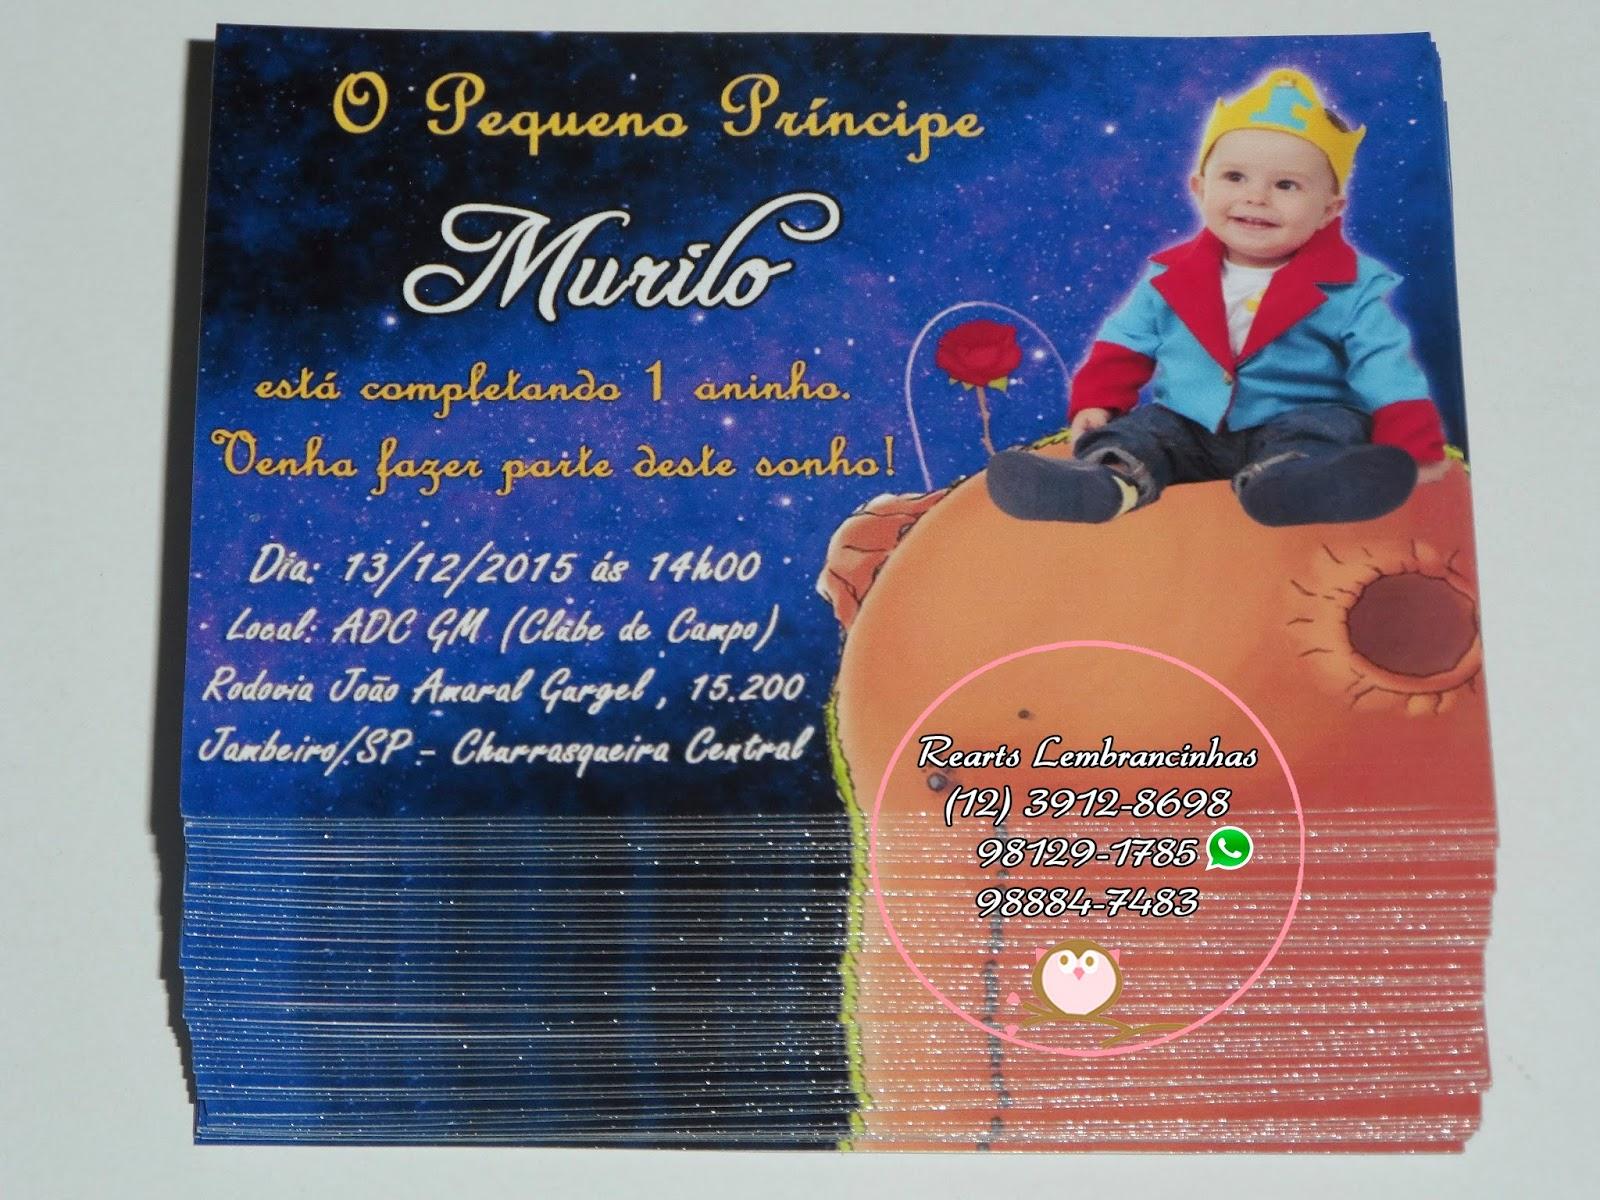 Reart S Lembrancinhas Personalizadas O Pequeno Principe Murilo 1 Ano